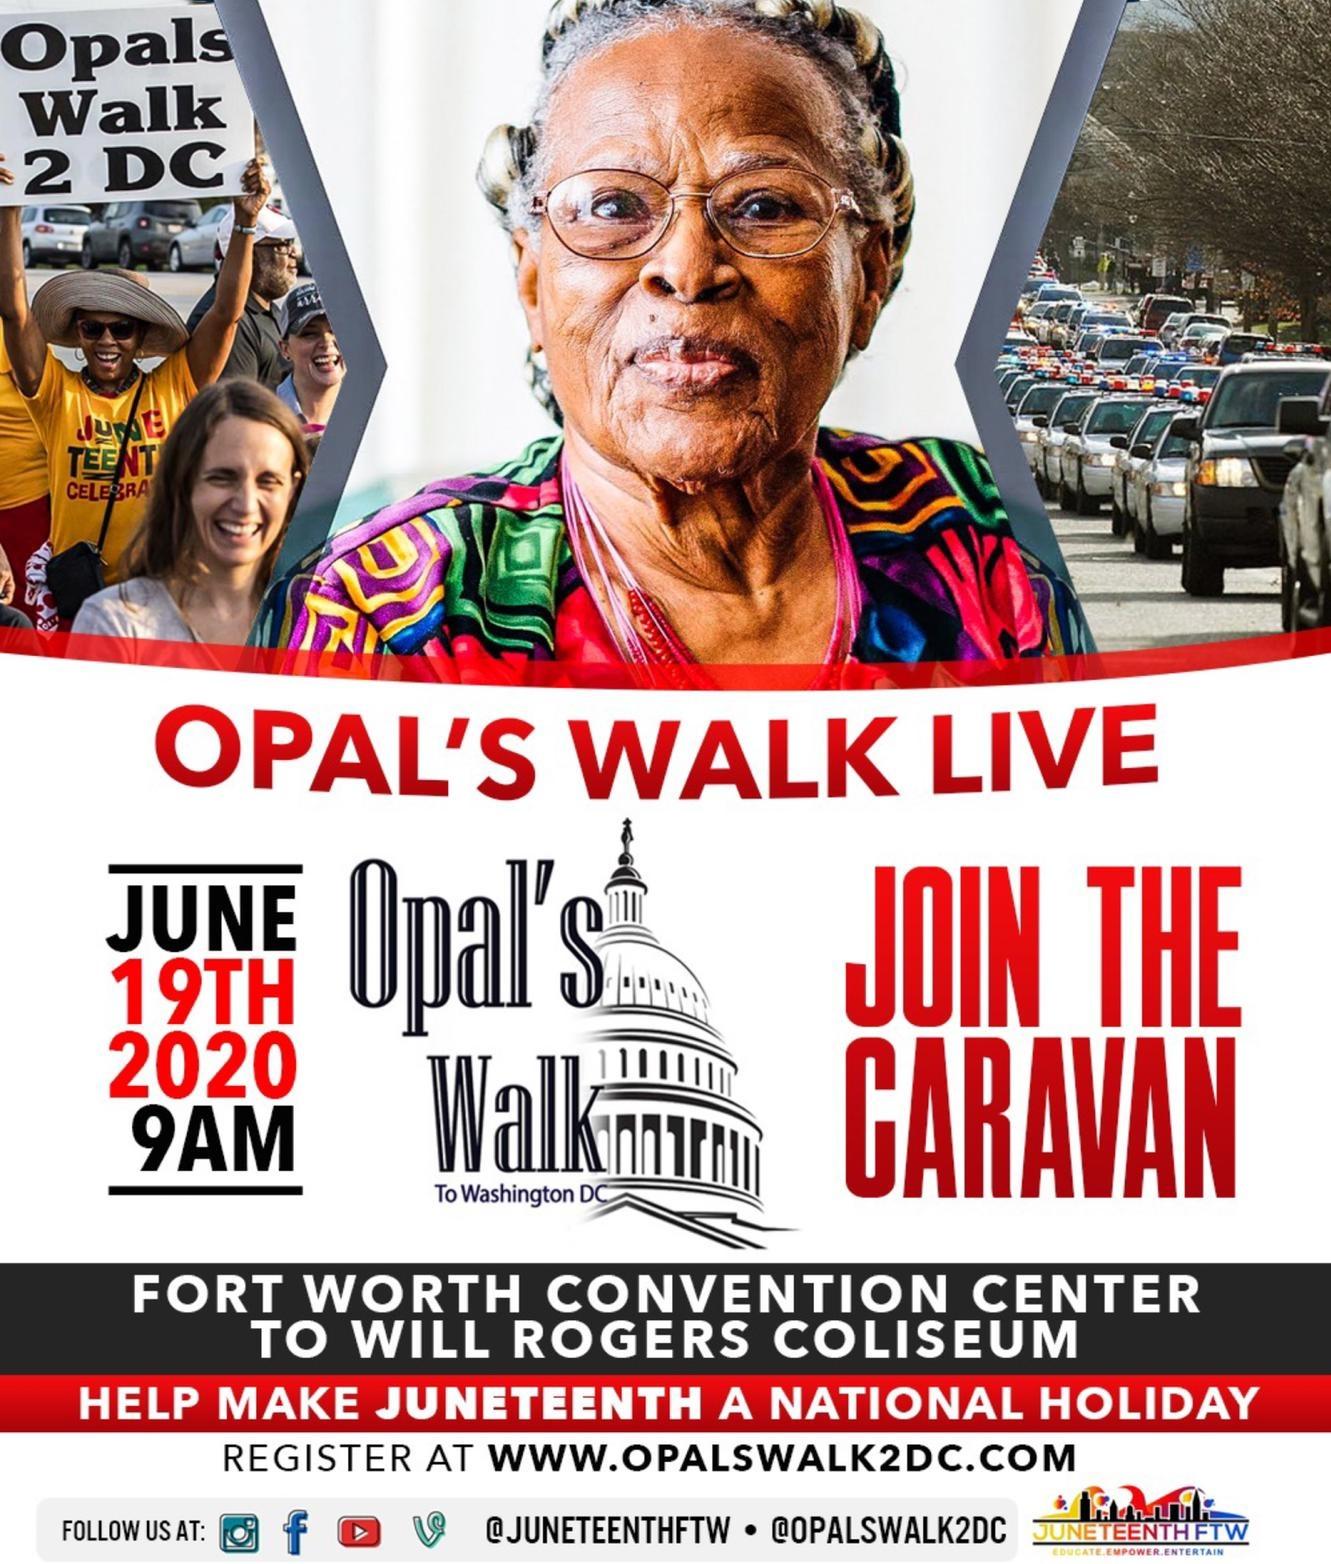 opals-walk-caravan